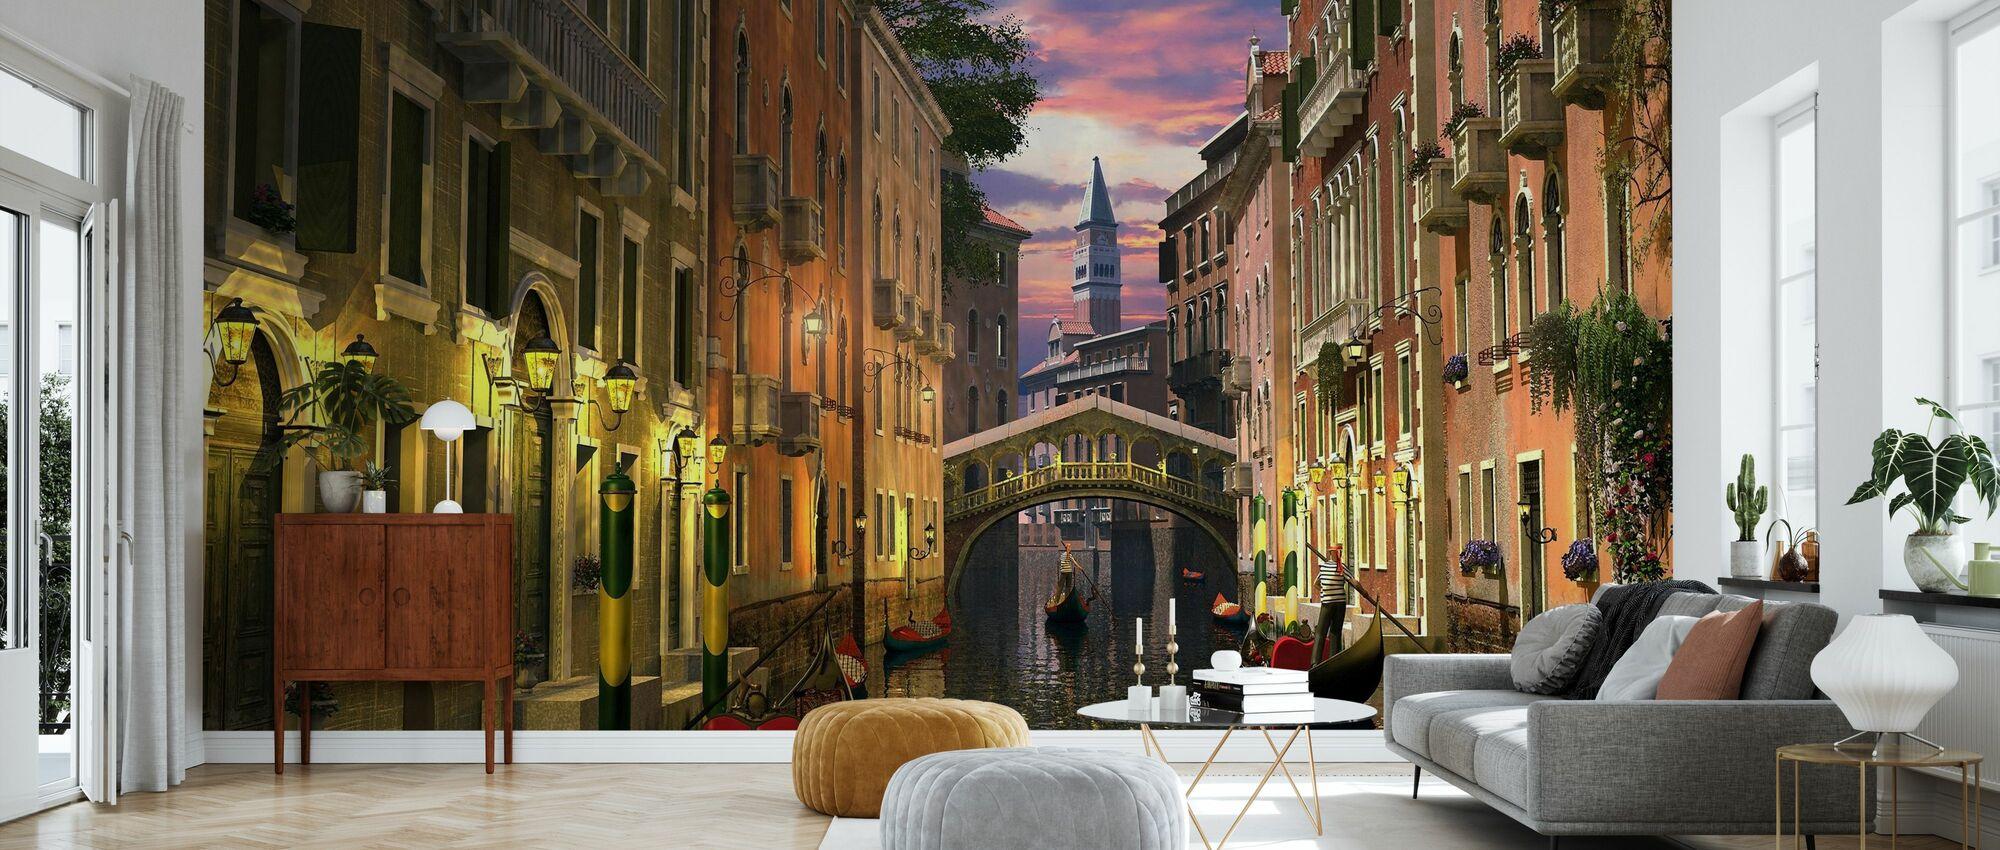 Venice at Dusk - Wallpaper - Living Room